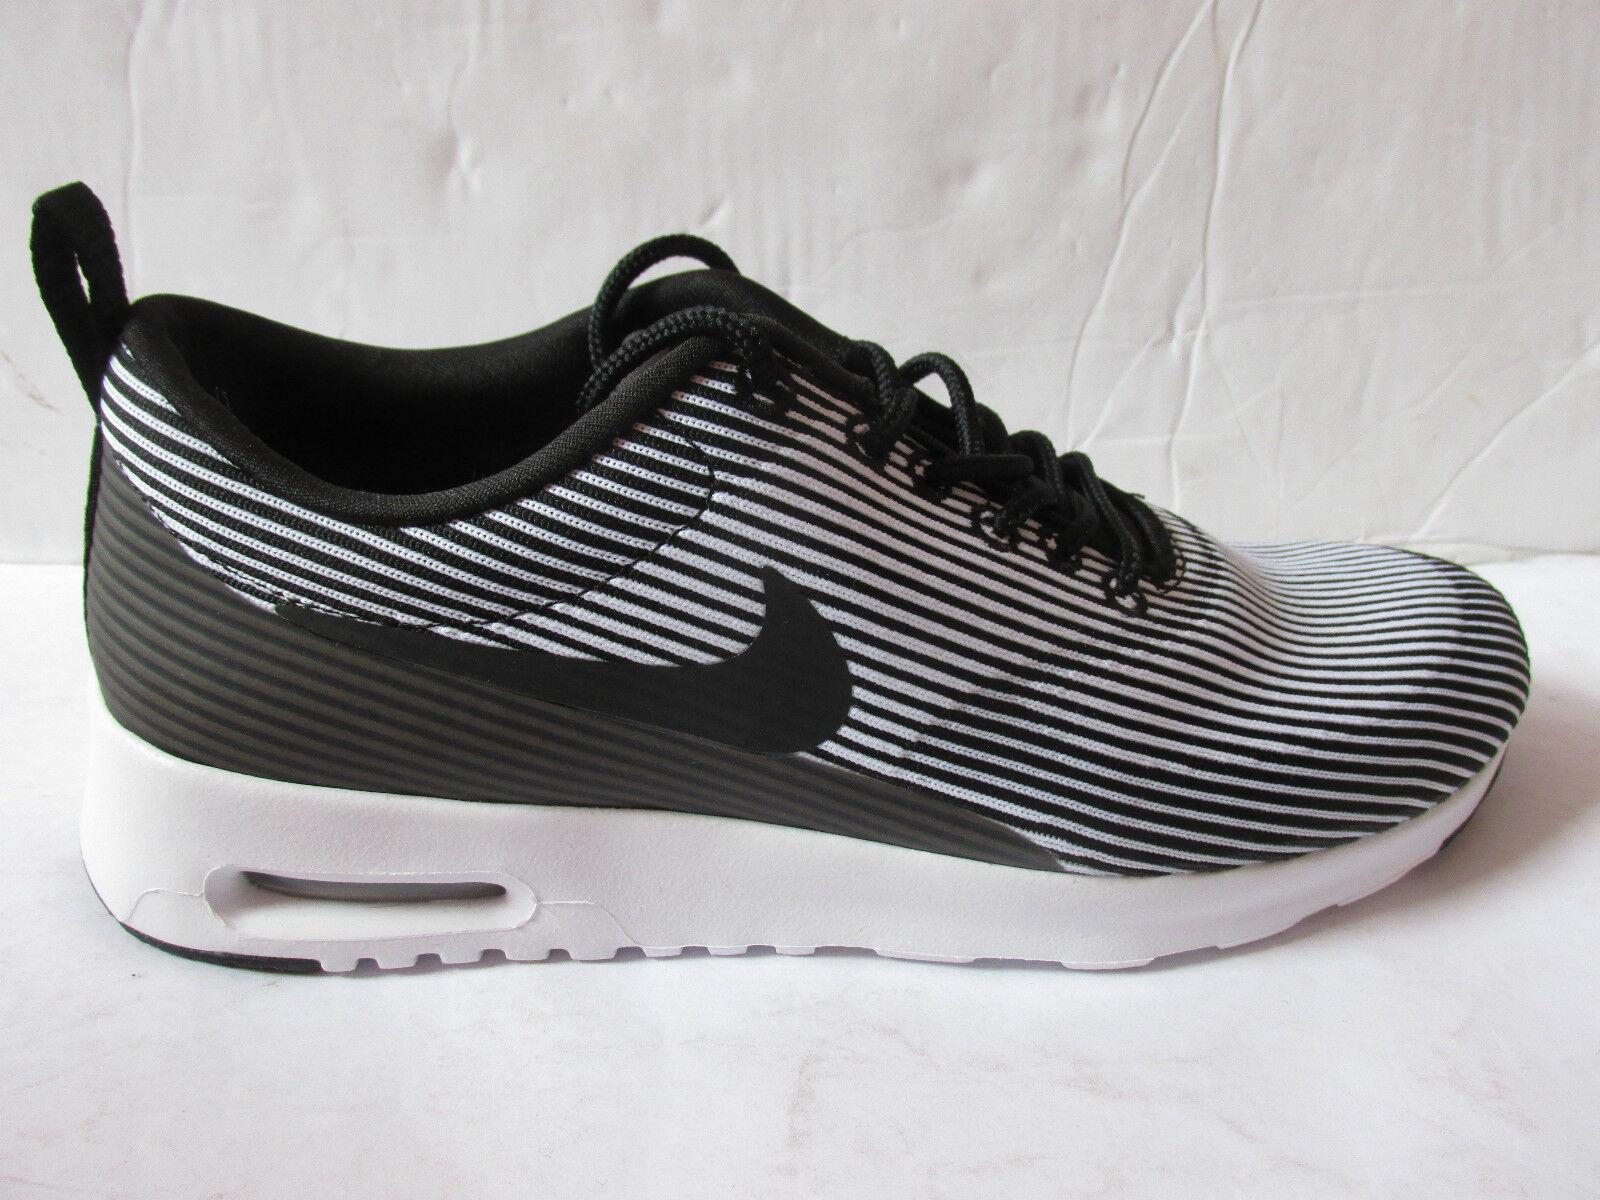 Nike Da Donna Air Max Thea jrcrd in esecuzione 718646 Scarpe da ginnastica 718646 esecuzione 003 Scarpe Da Ginnastica Scarpe c12b20